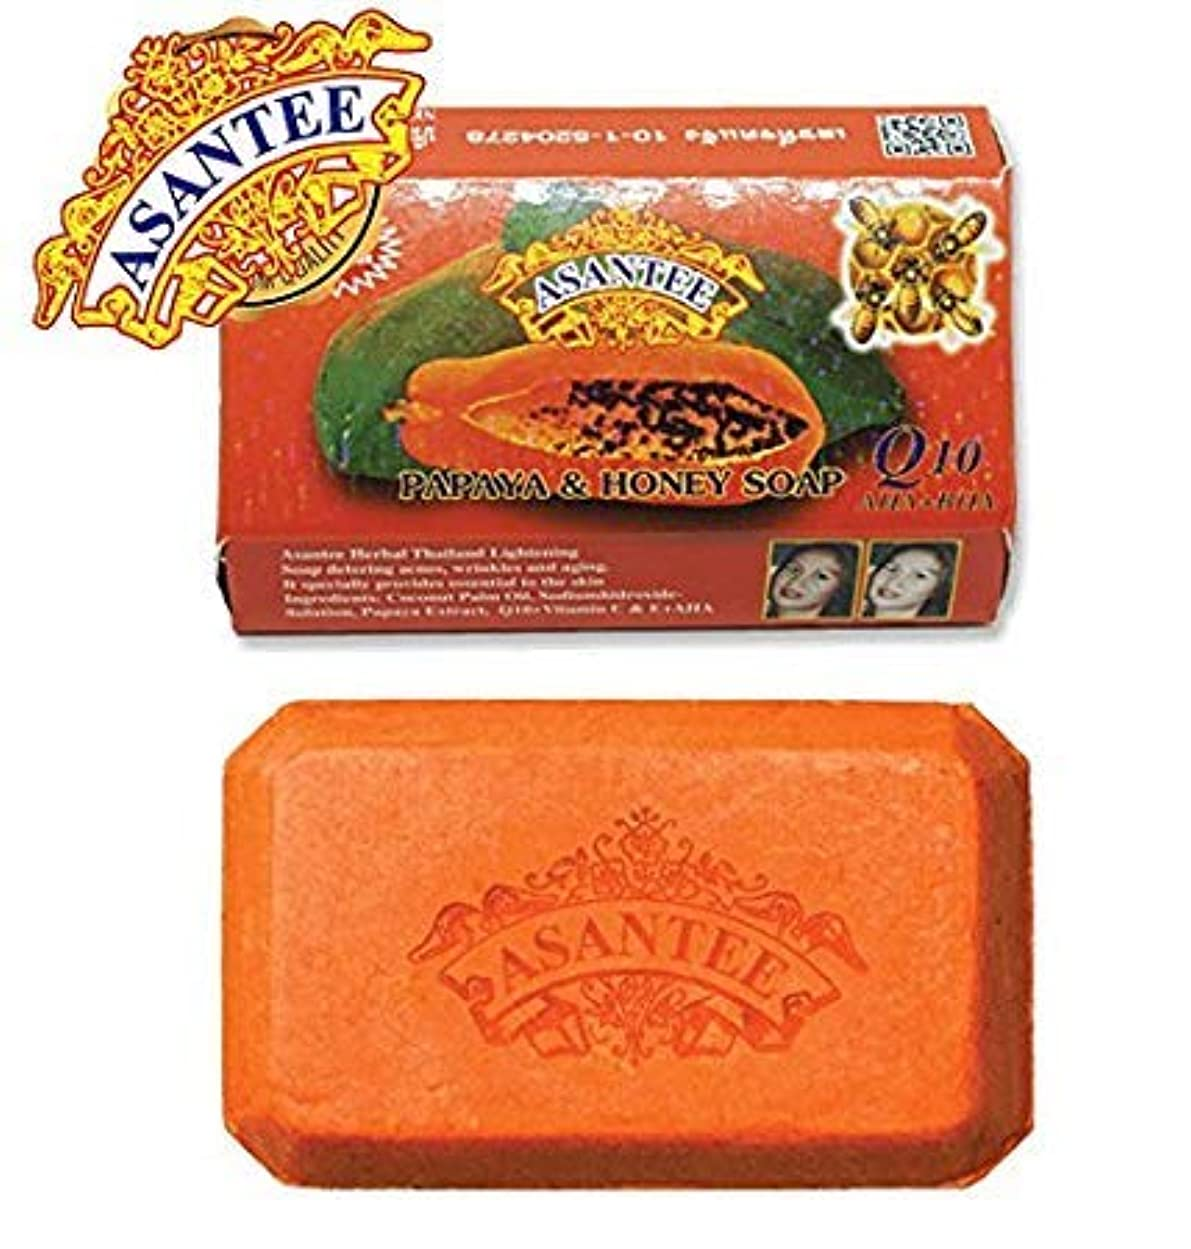 誕生神秘出しますAsantee Thai Papaya Herbal Skin Whitening Soap 135g (1 pcs)